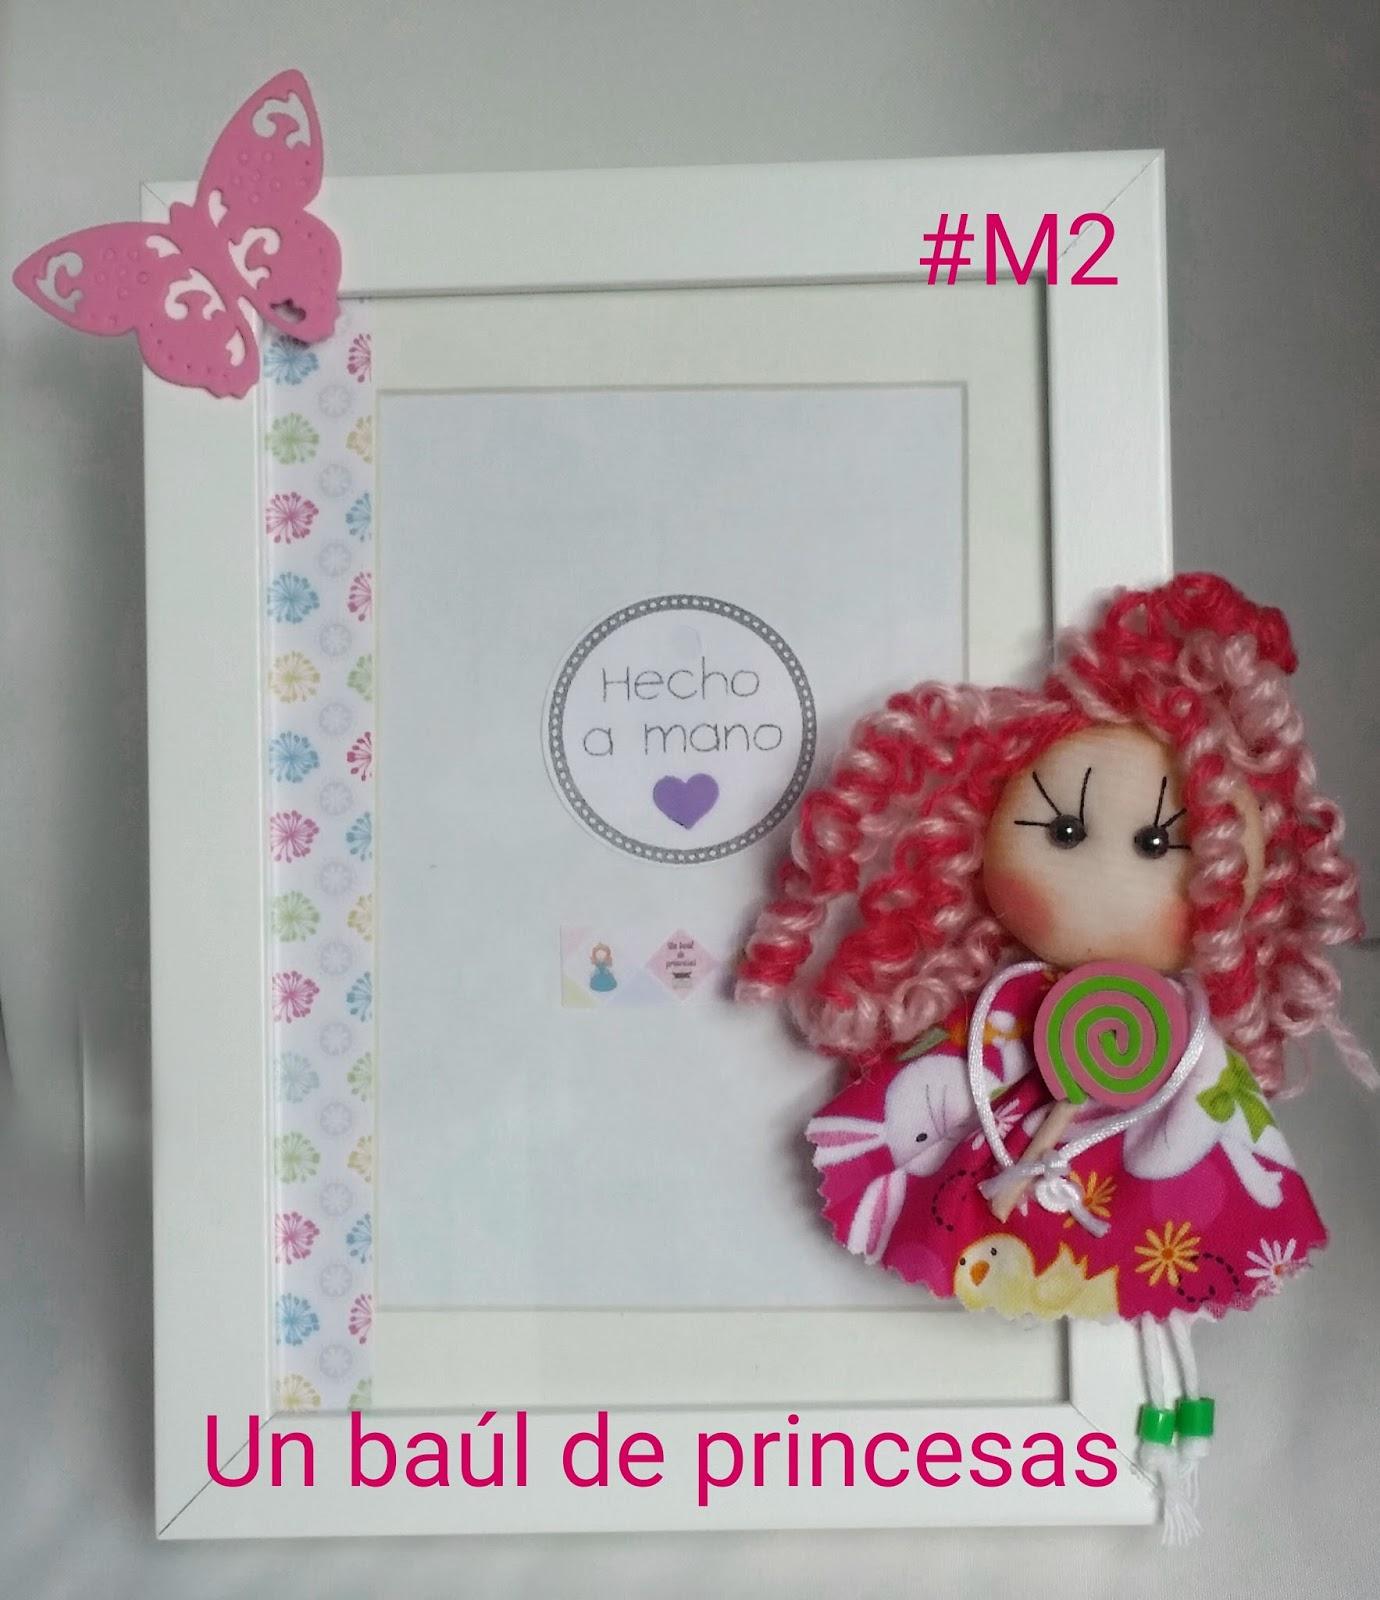 Un ba l de princesas decorando con fotos - Decorando con fotos ...